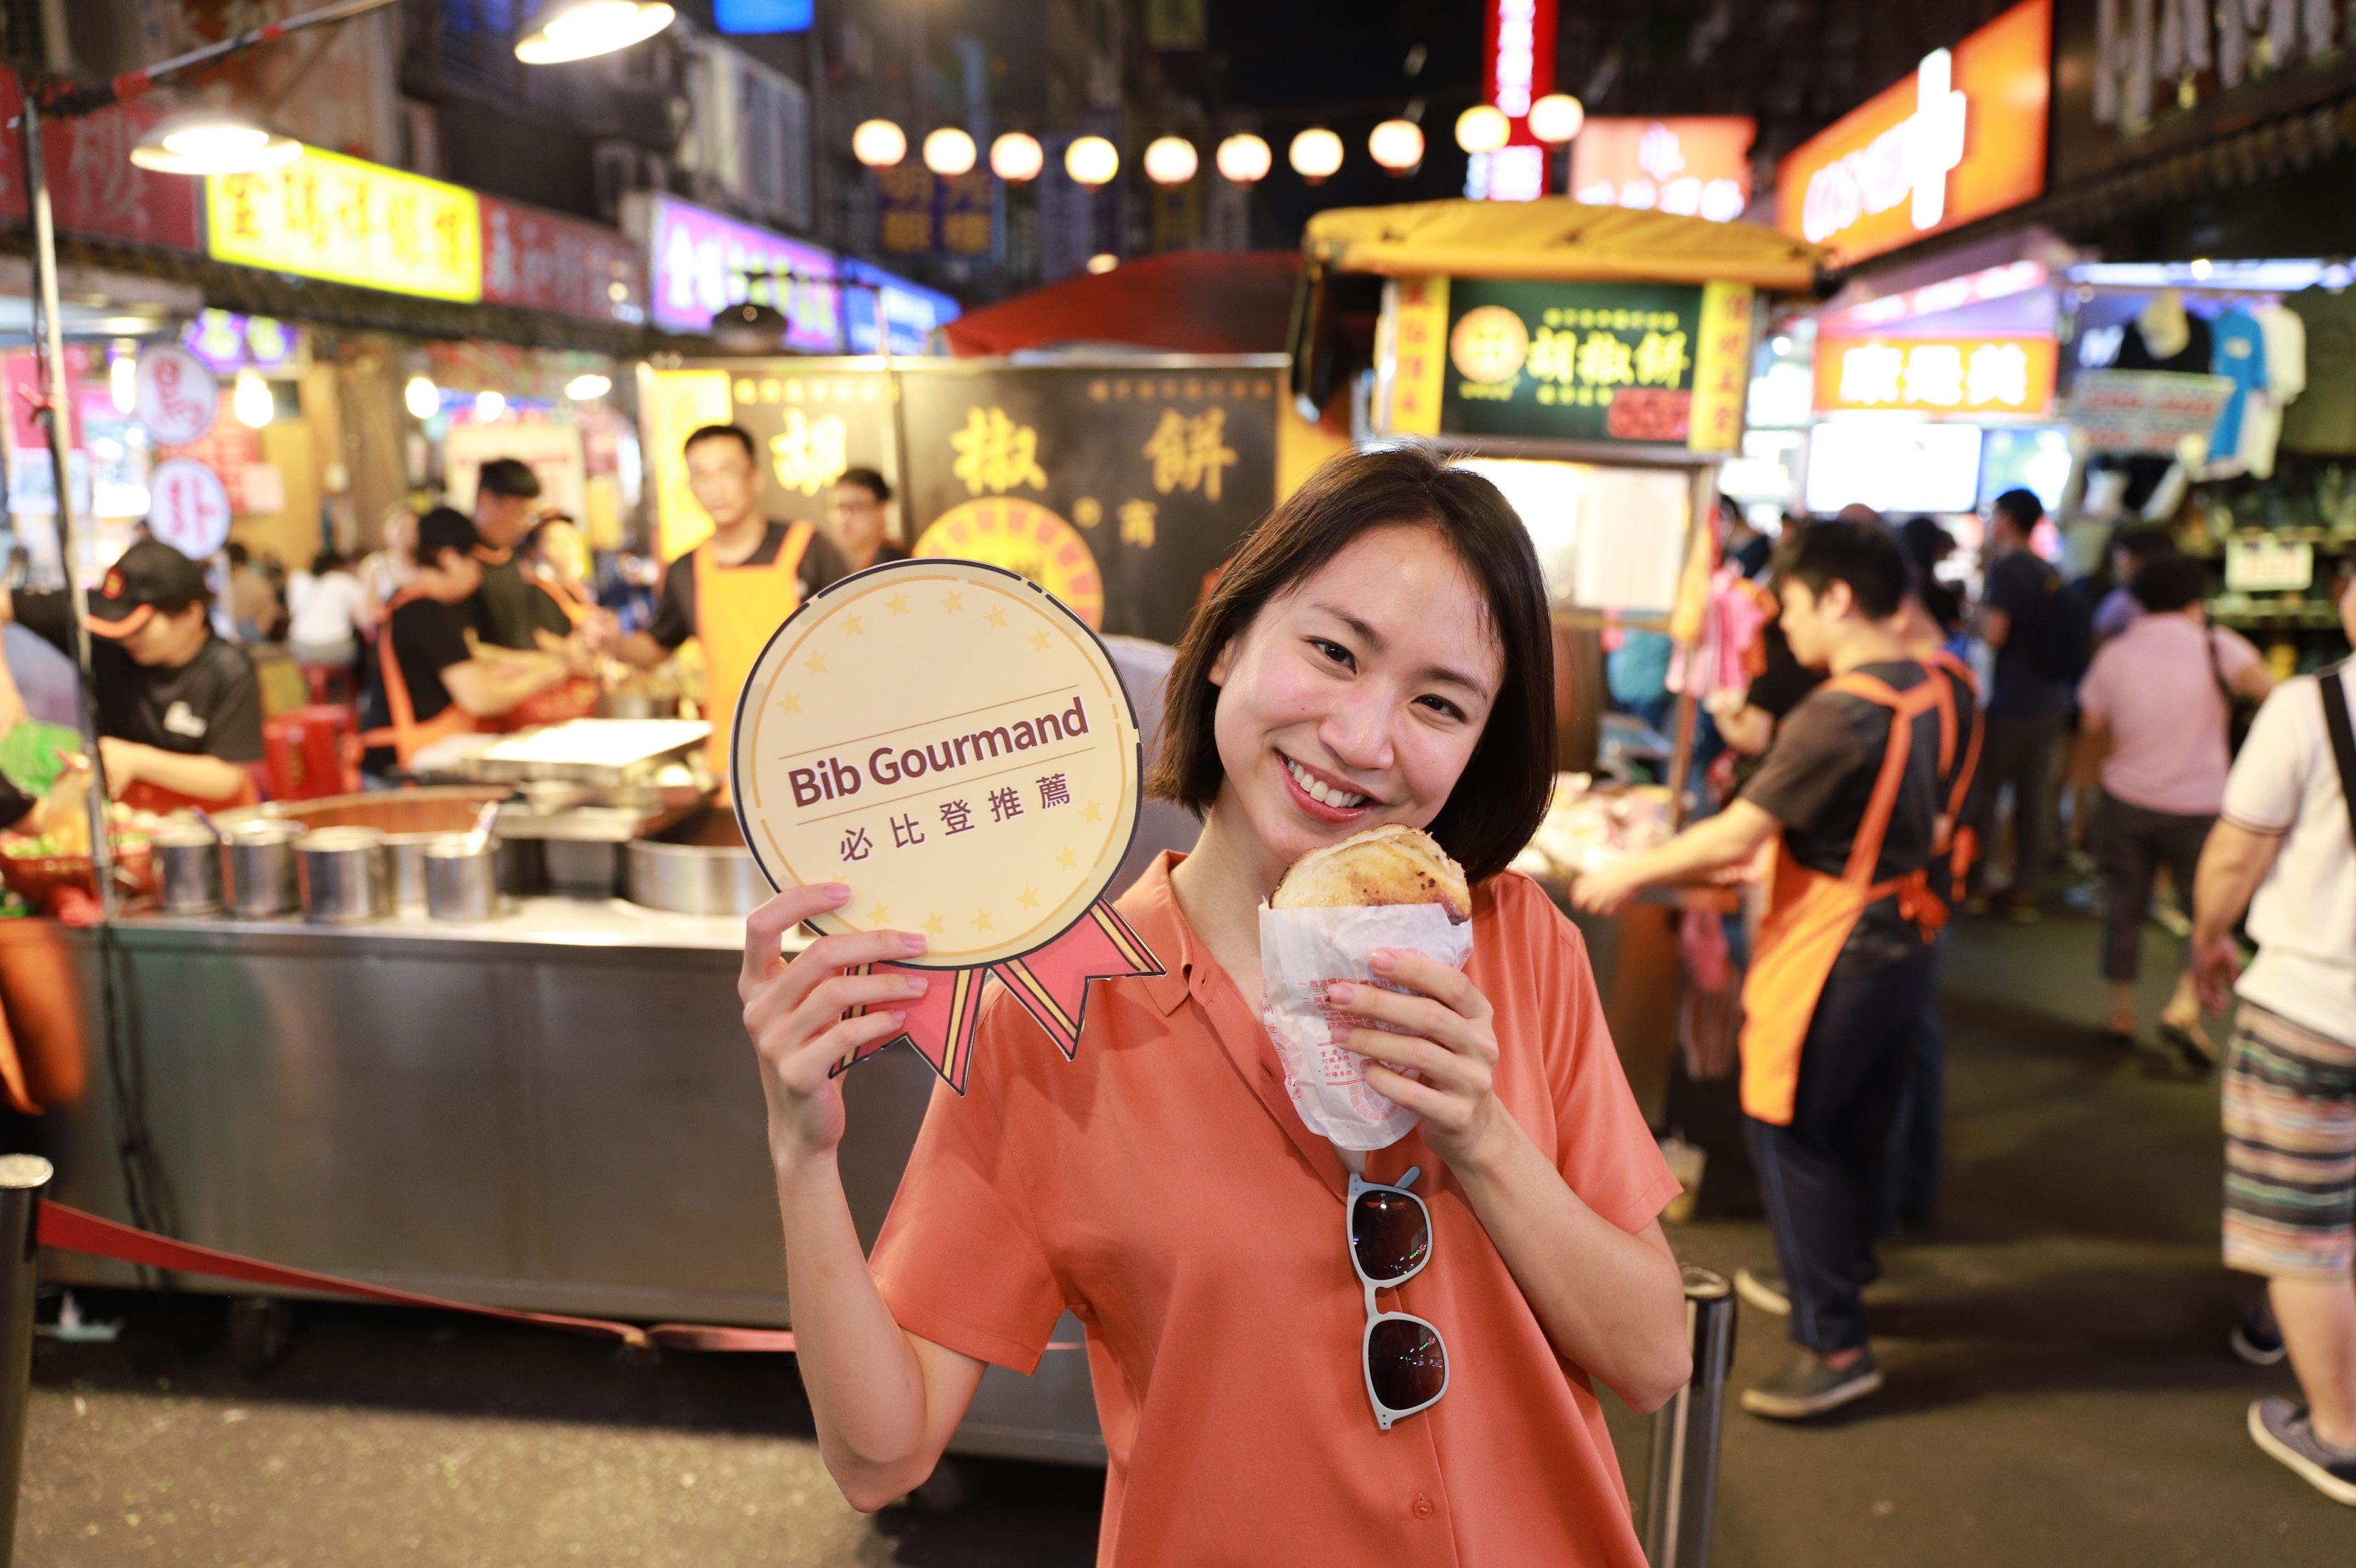 網紅Mint品嚐必比登推薦臺北美食,讚不絕口